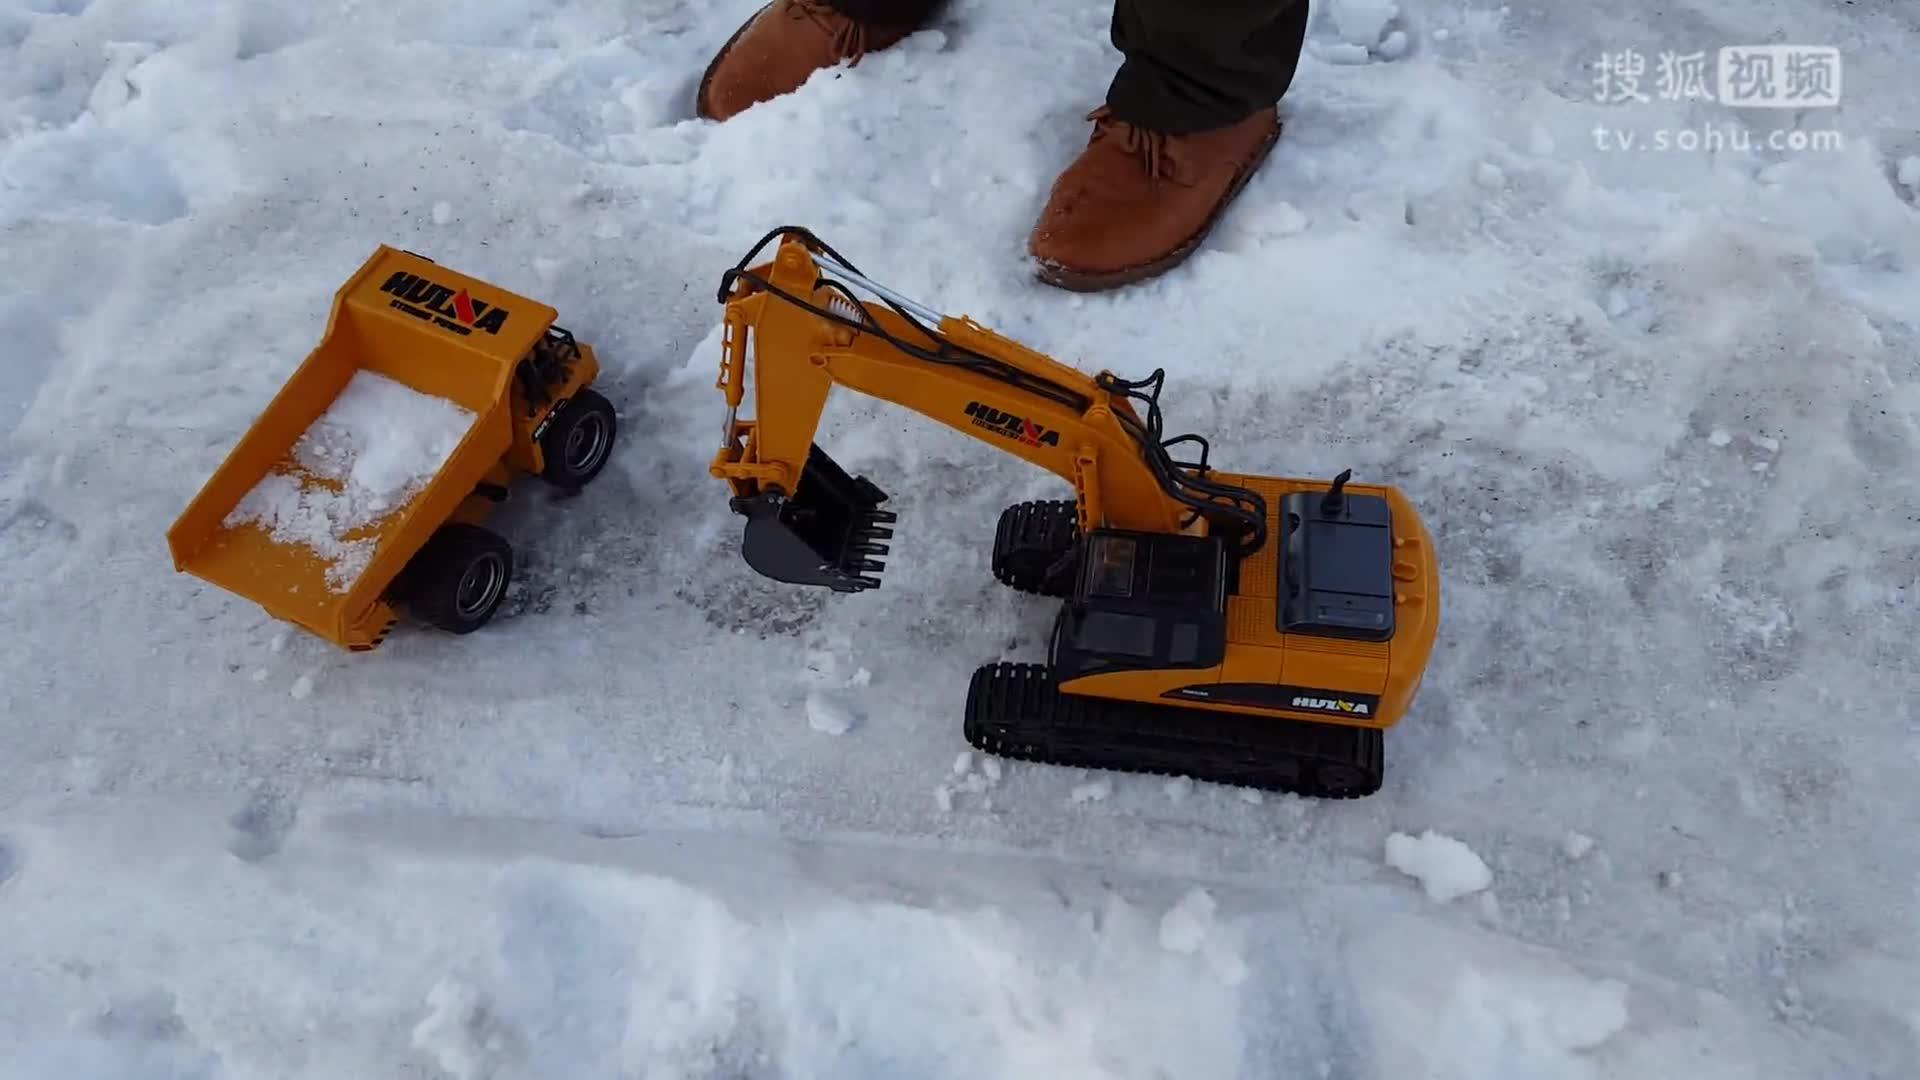 儿童玩具车挖雪装车